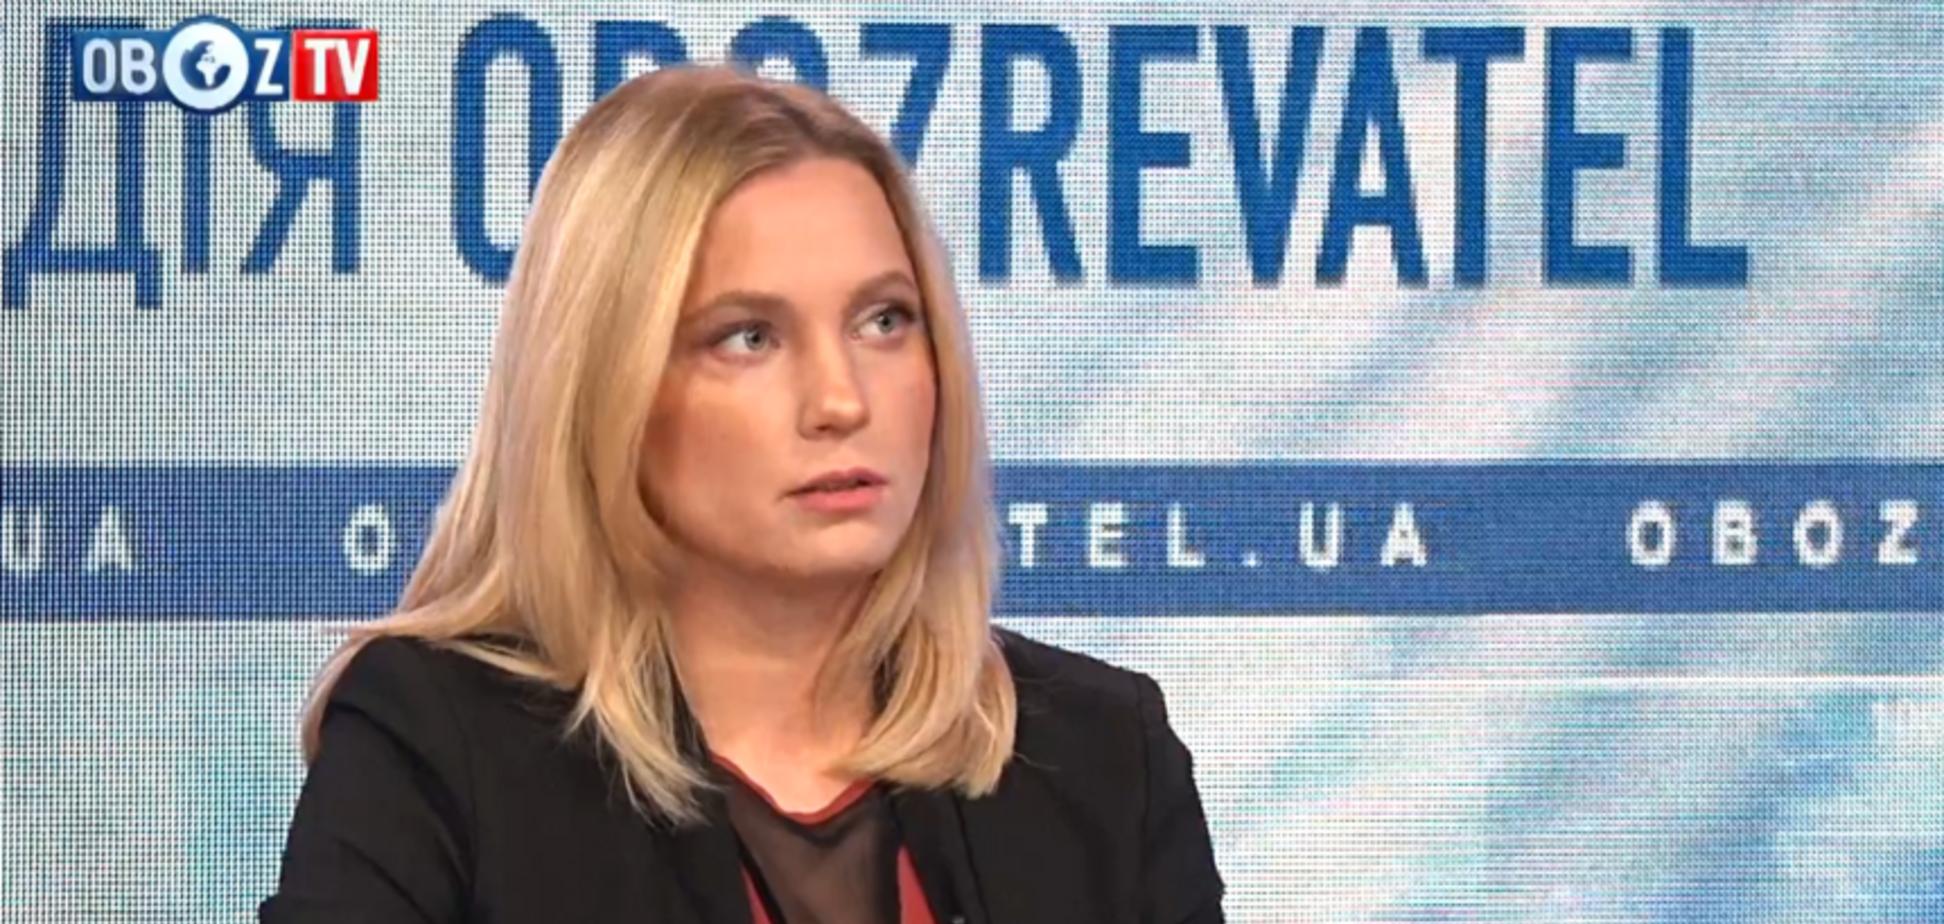 Лечение в больницах после 1 апреля: эксперт объяснила, что ждет украинцев